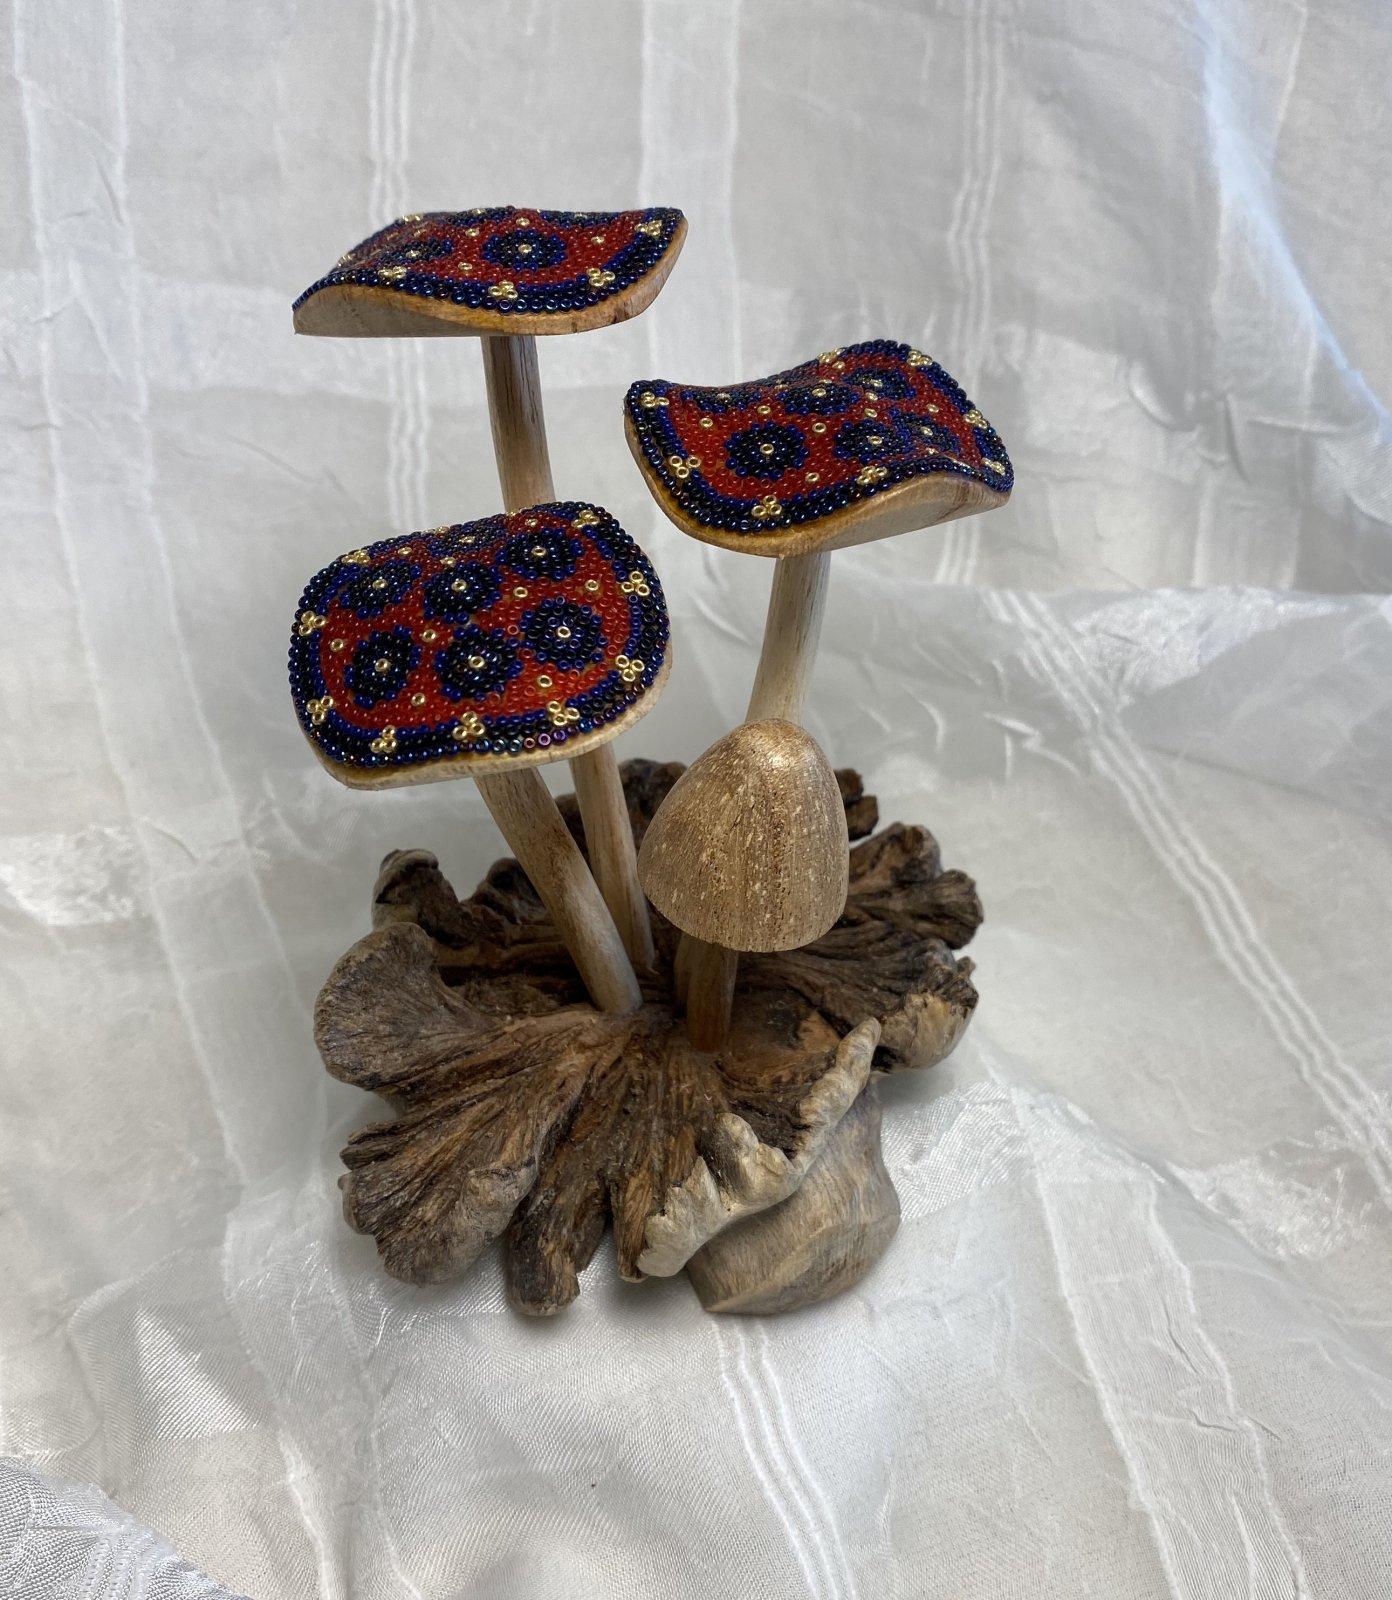 Huichol Bowls & Figures